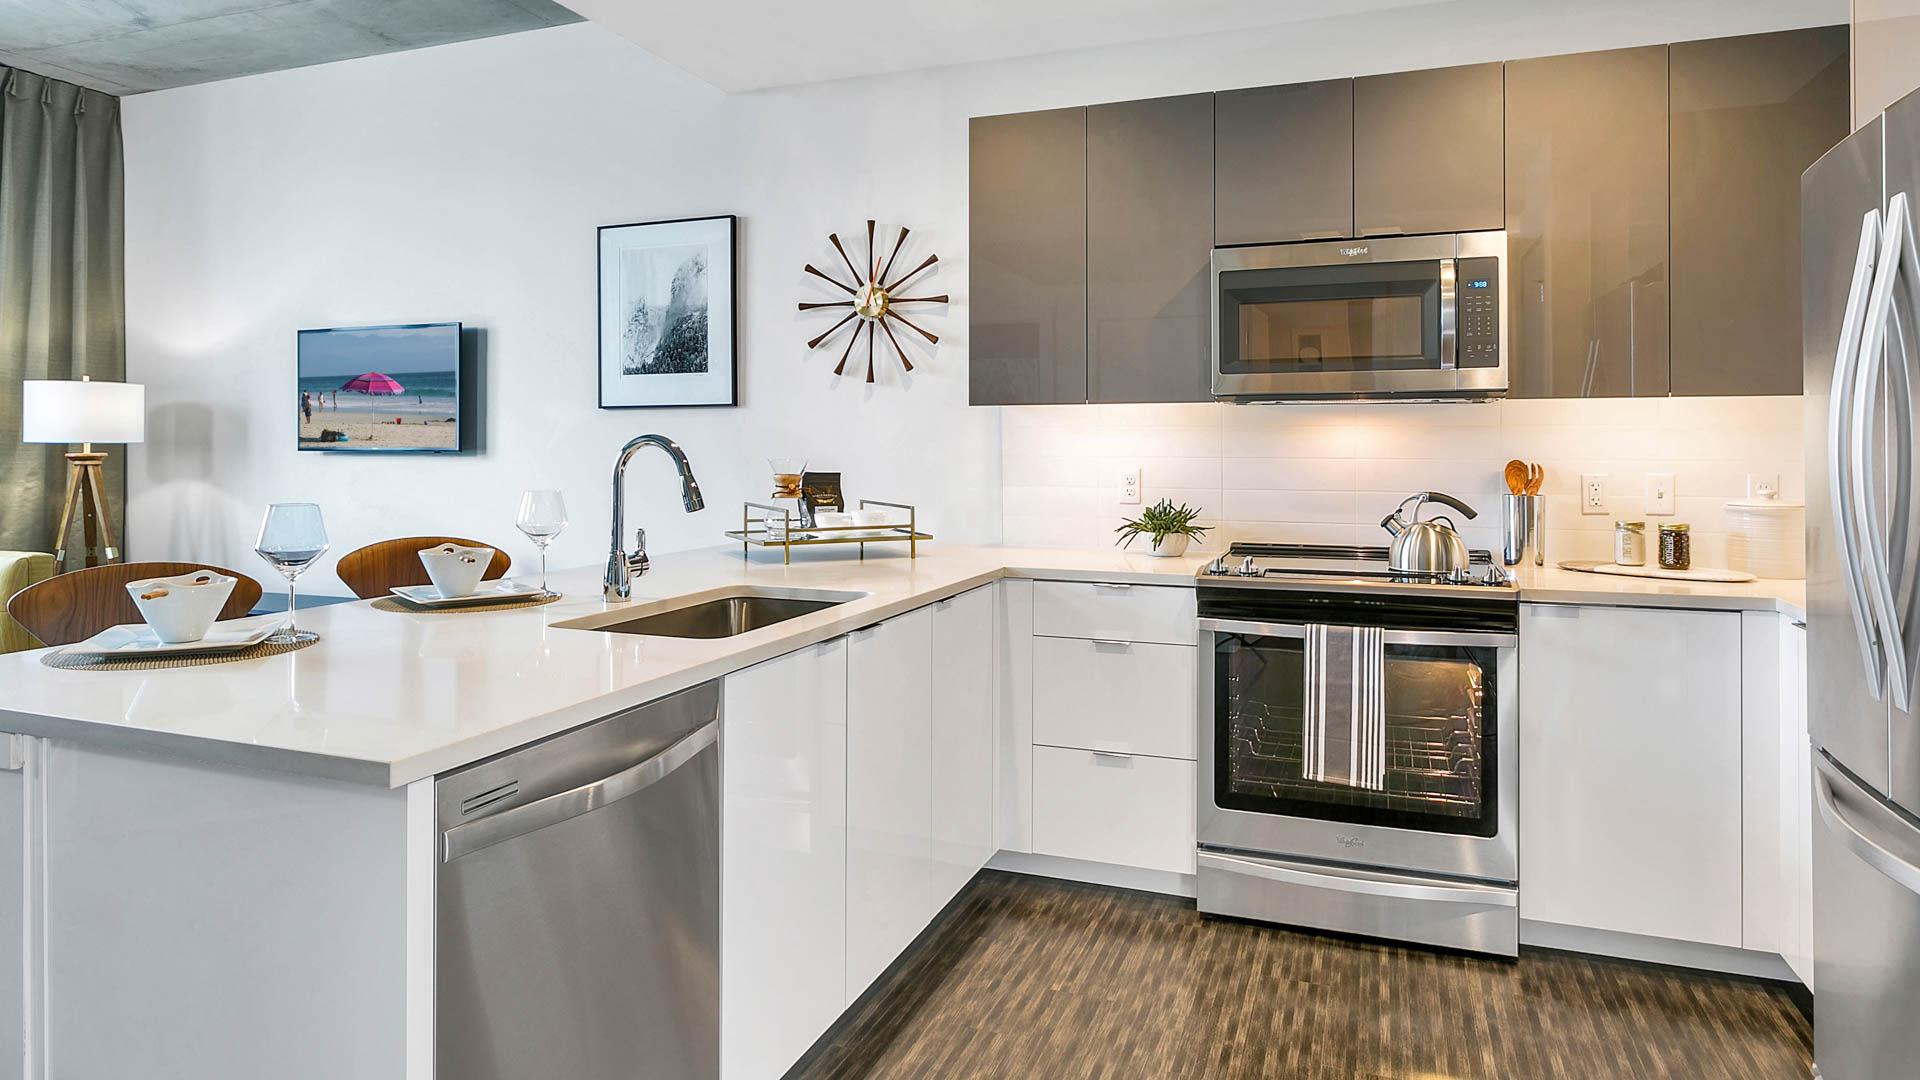 Eviva on Cherokee Apartments - Kitchen